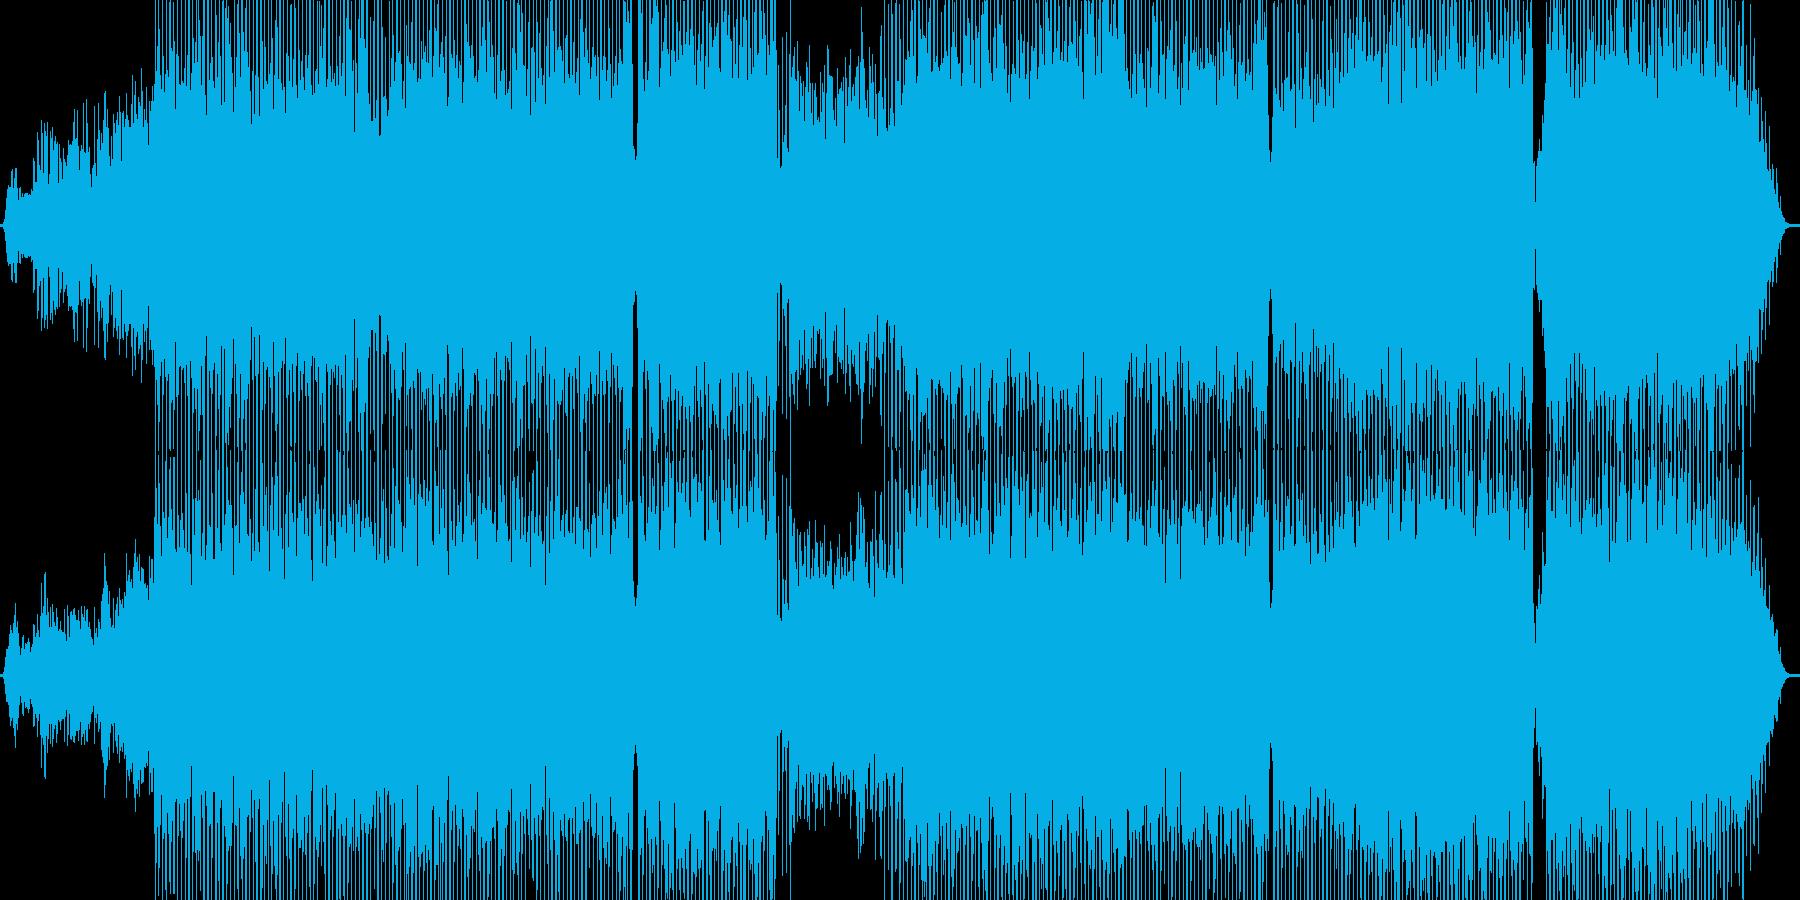 マイナー系のミドルテンポのロック調JP…の再生済みの波形